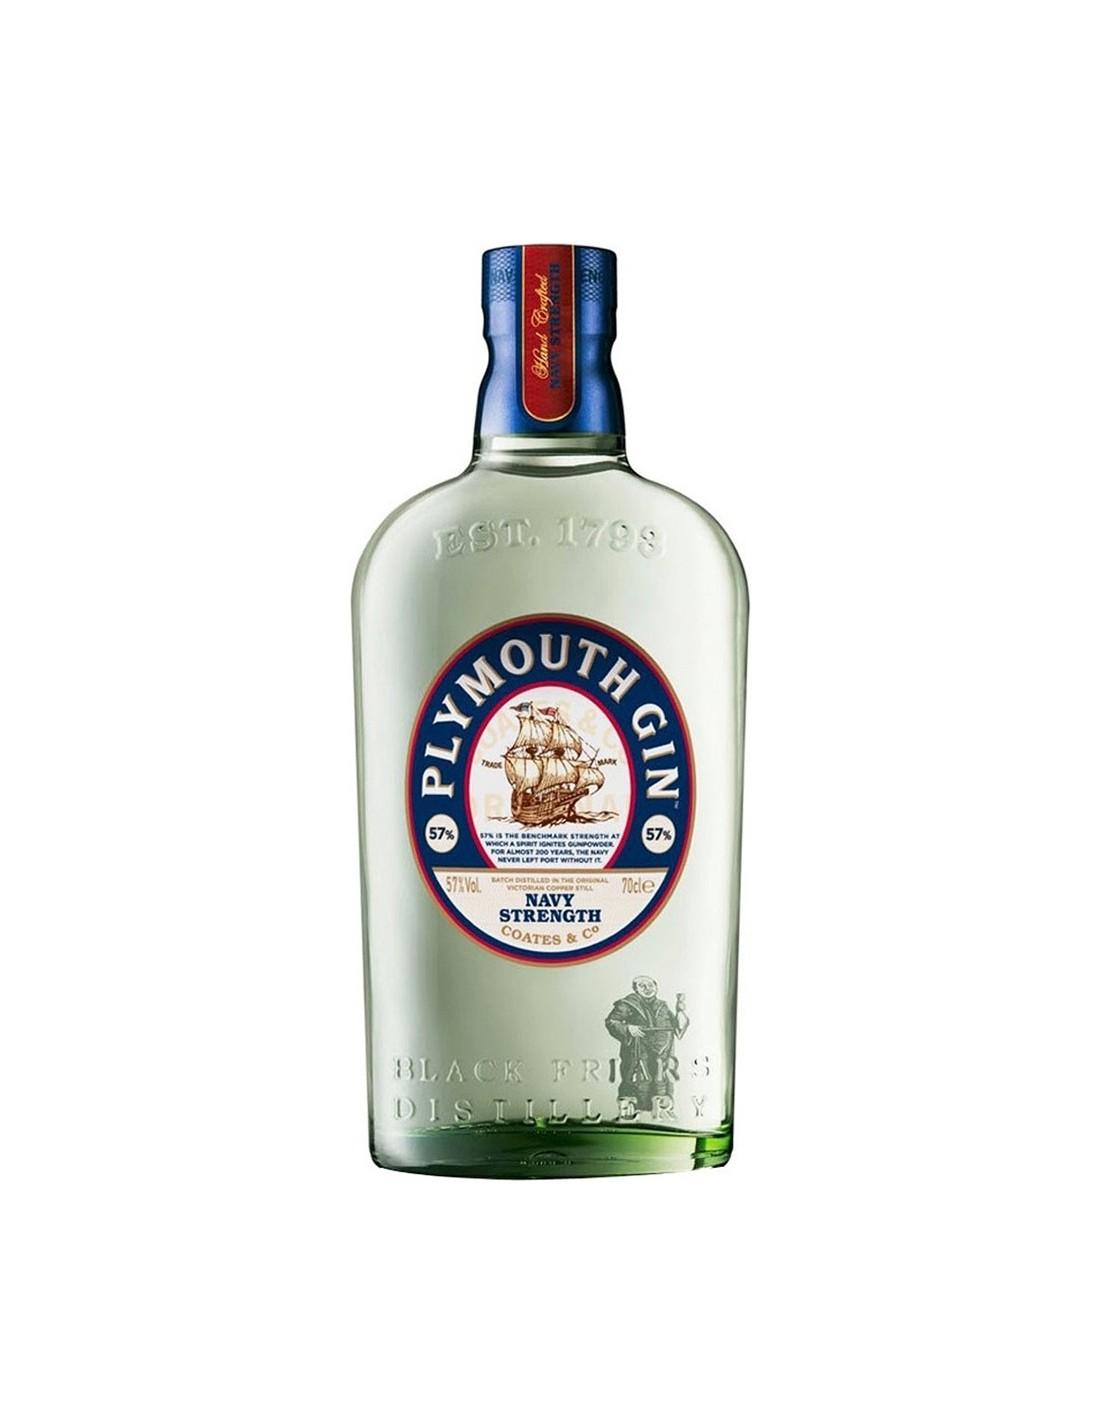 Gin Plymouth 41.2% alc., 0.7L, Anglia